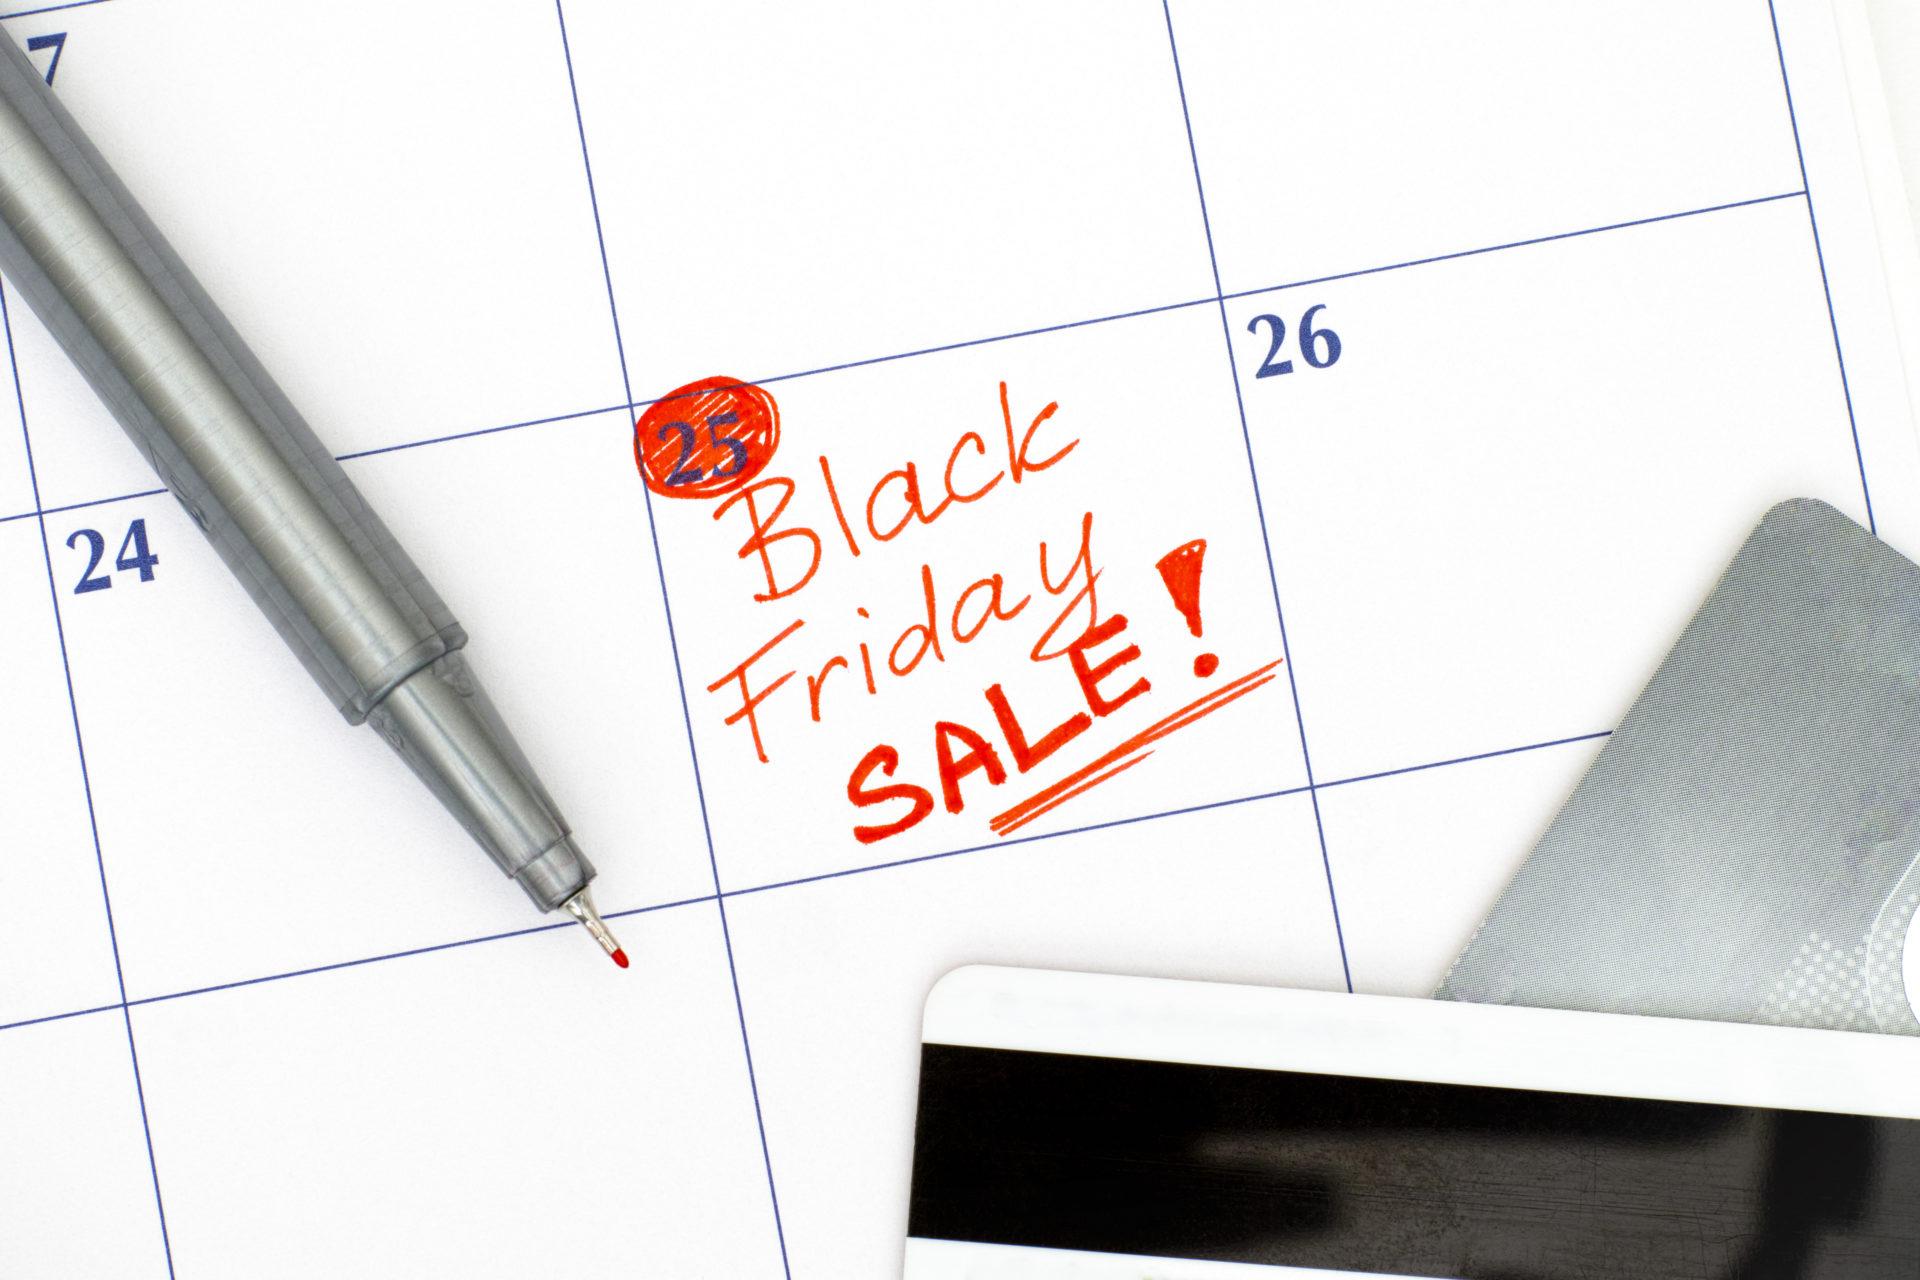 Recurso Black Friday en el calendario